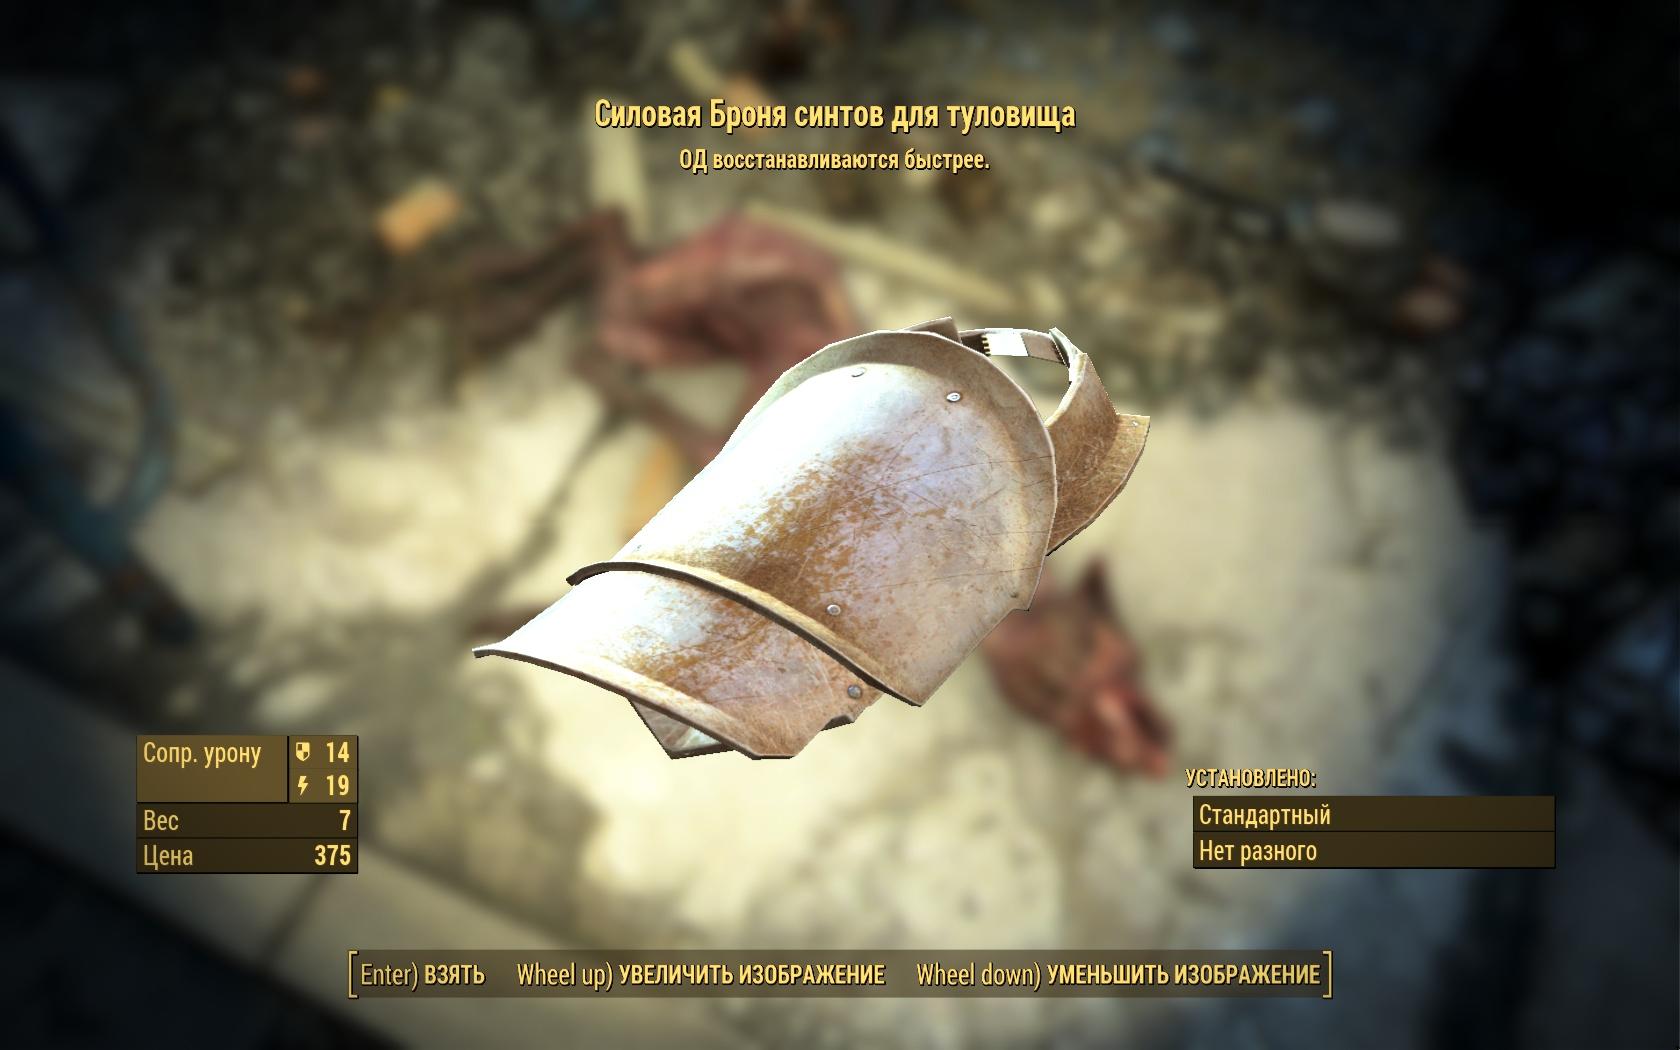 Силовая броня синтов для туловища - Fallout 4 броня, Одежда, Силовая